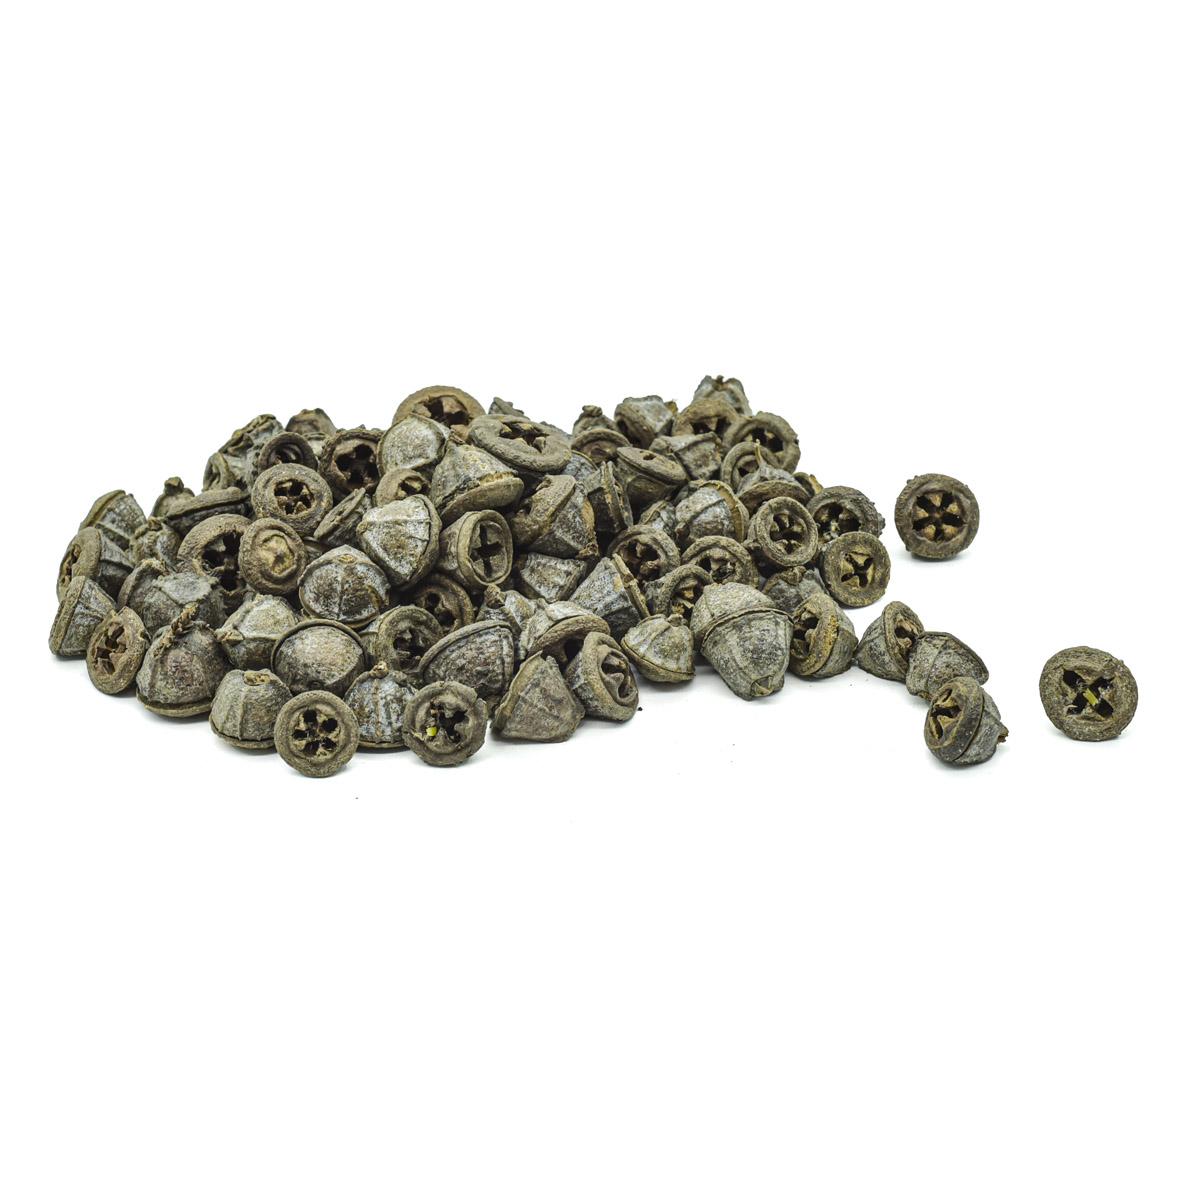 YW226 Декоративные элементы натуральные. Коробочки эвкалипта, 1,5-2см, 200гр